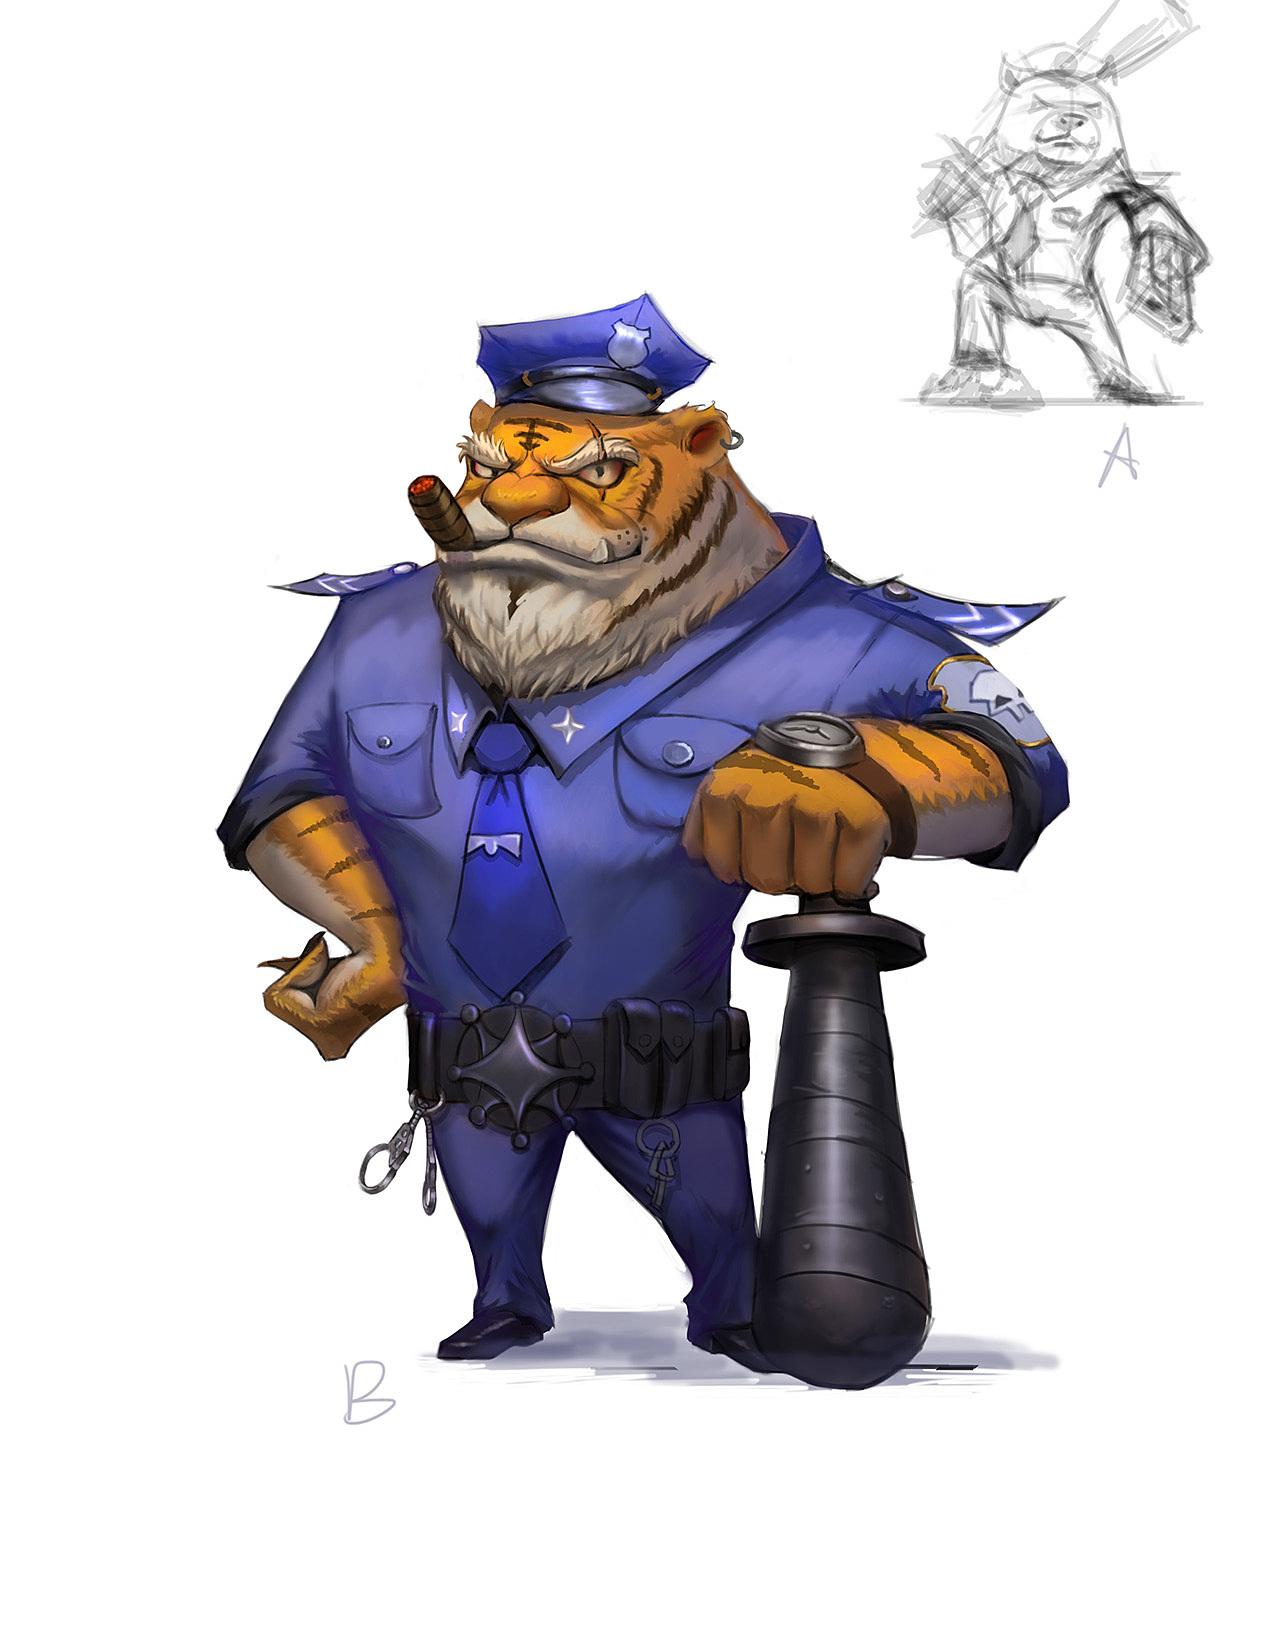 恶霸,警察,虎,练习.q版 游戏 原画设计 反派 制服